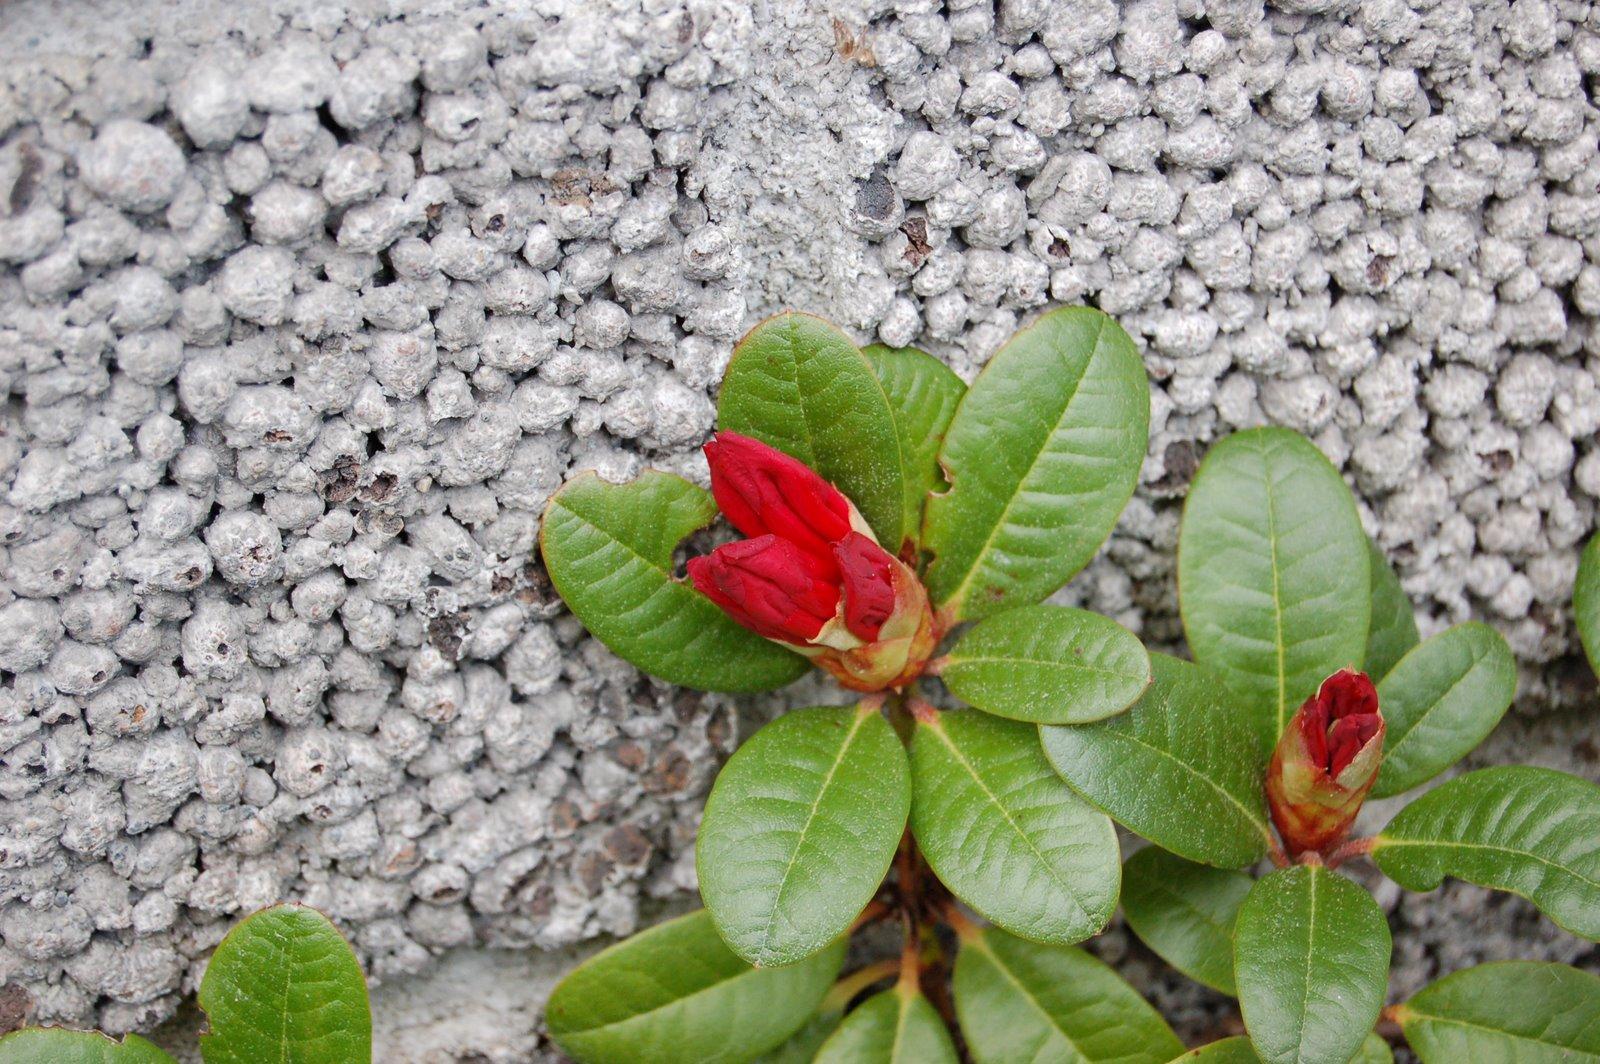 [The+Gardener]